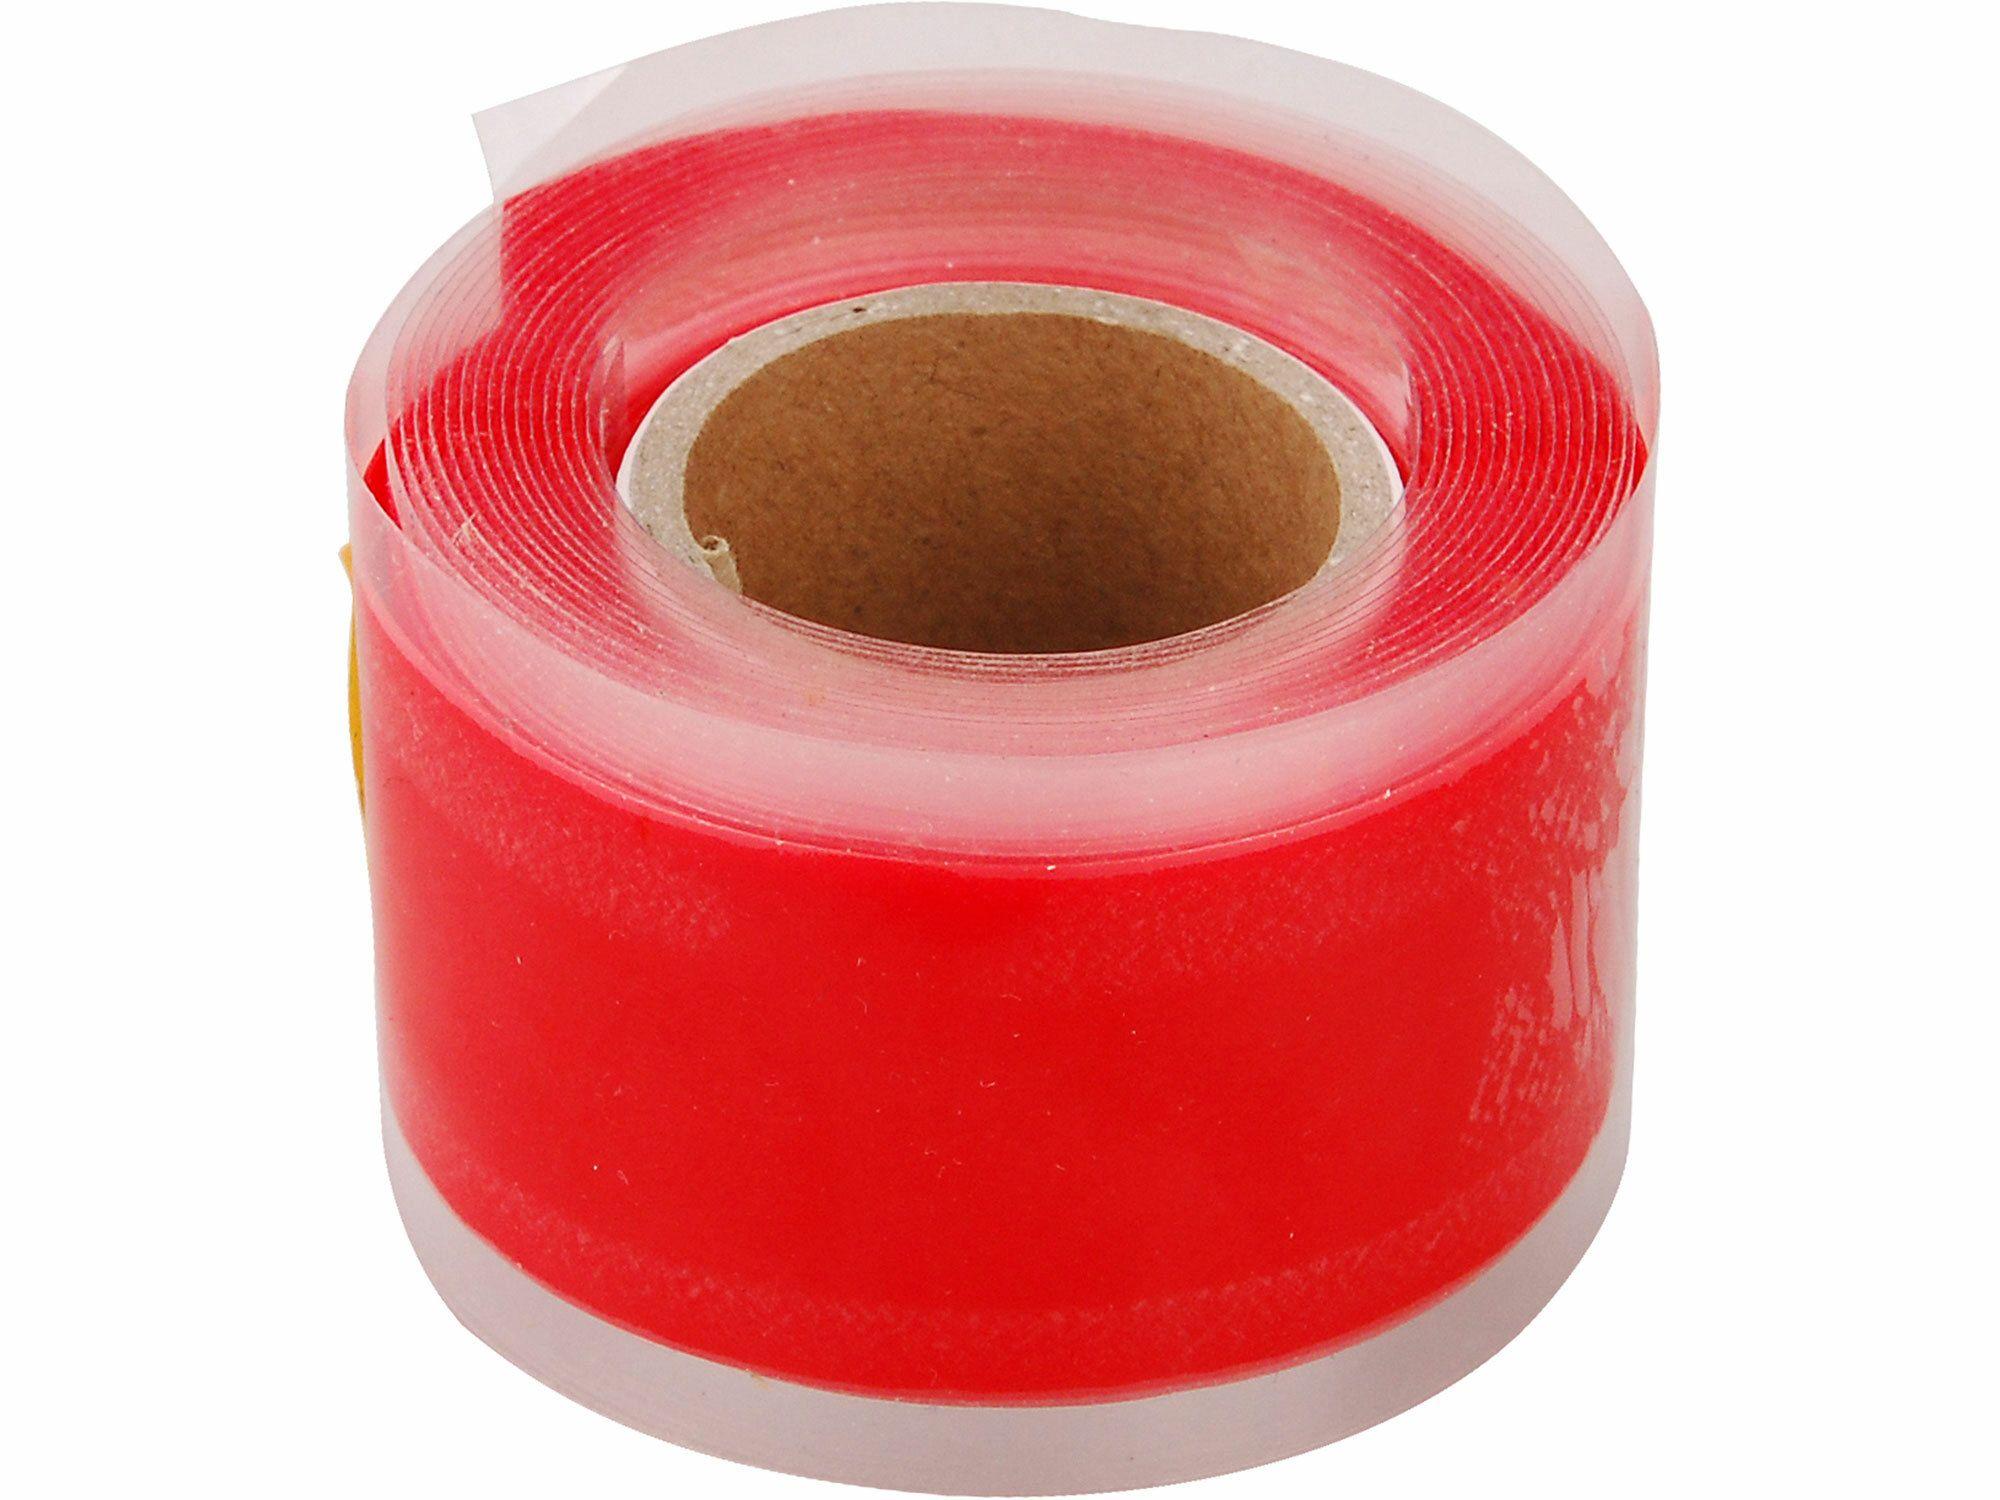 Páska silikonová samofixační, 25mm x 3,3m, červená barva